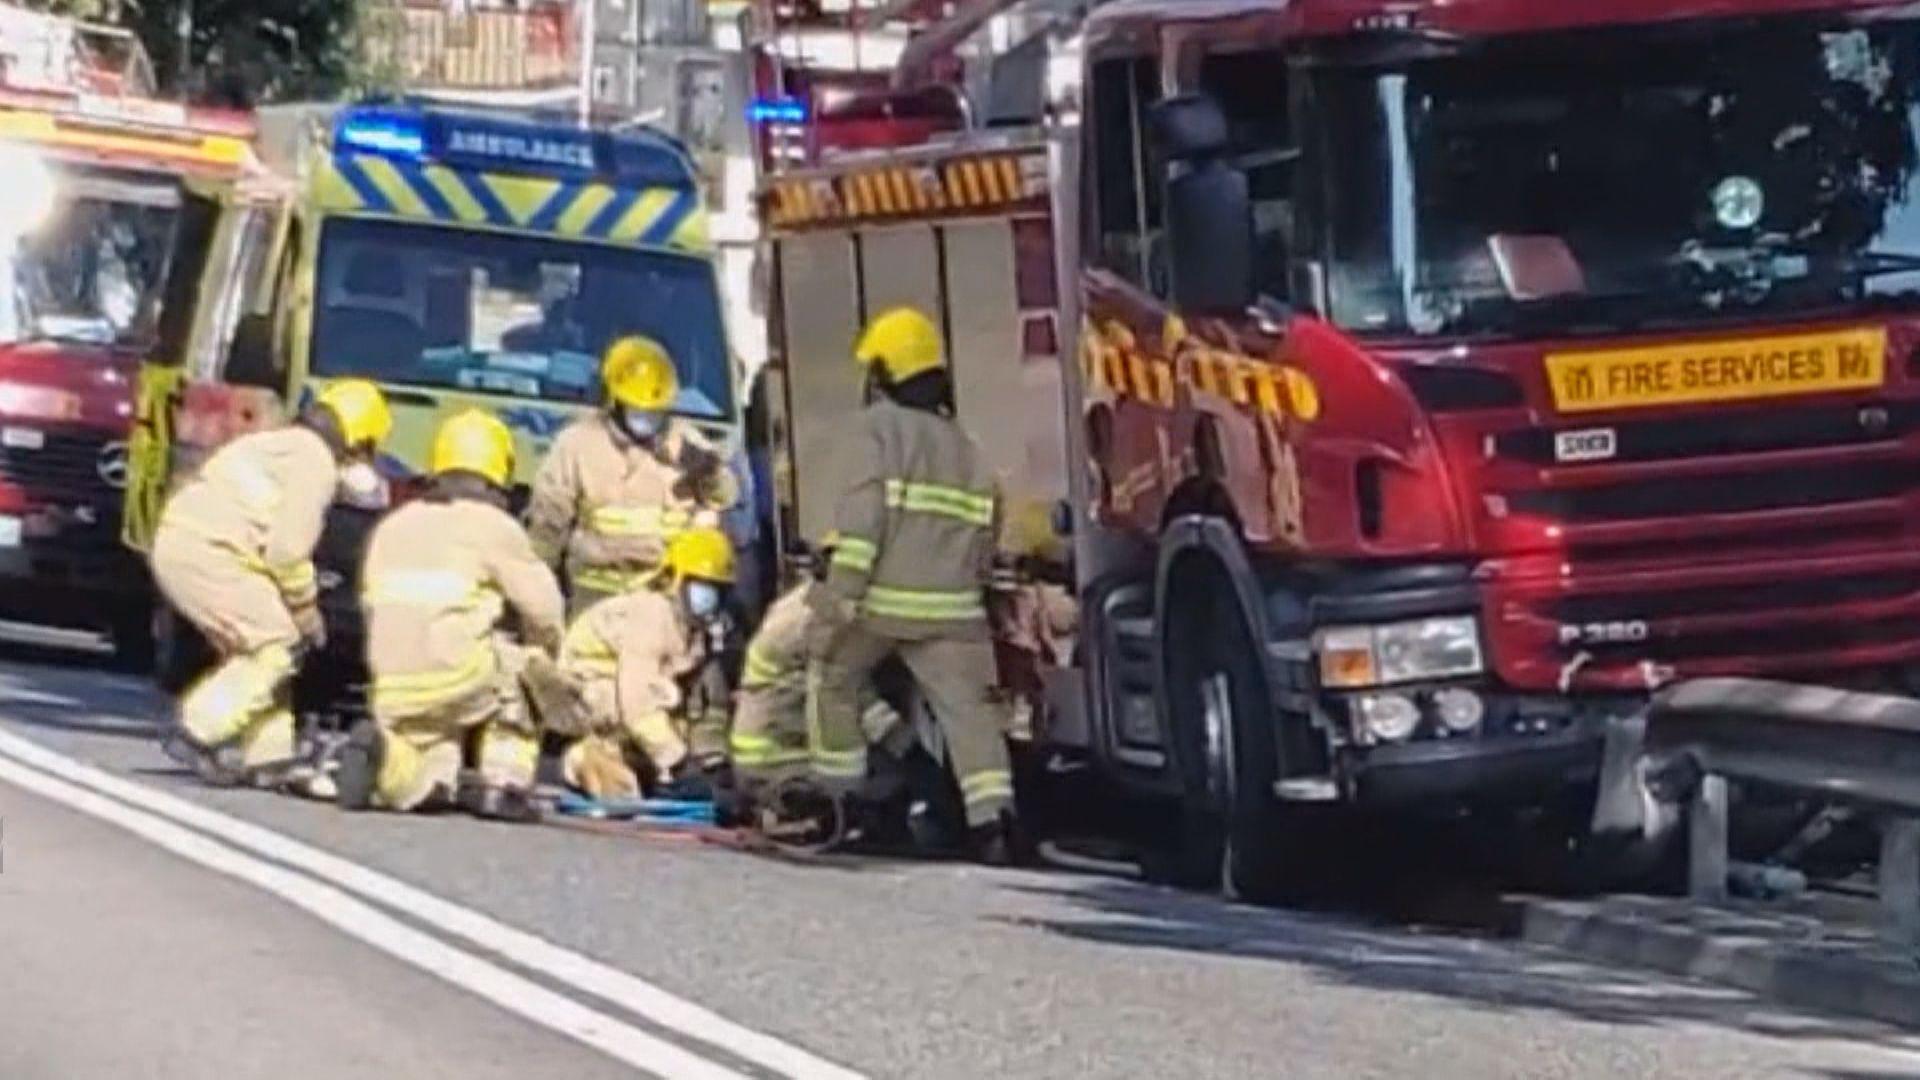 西貢公路消防車疑失控撞單車及私家車